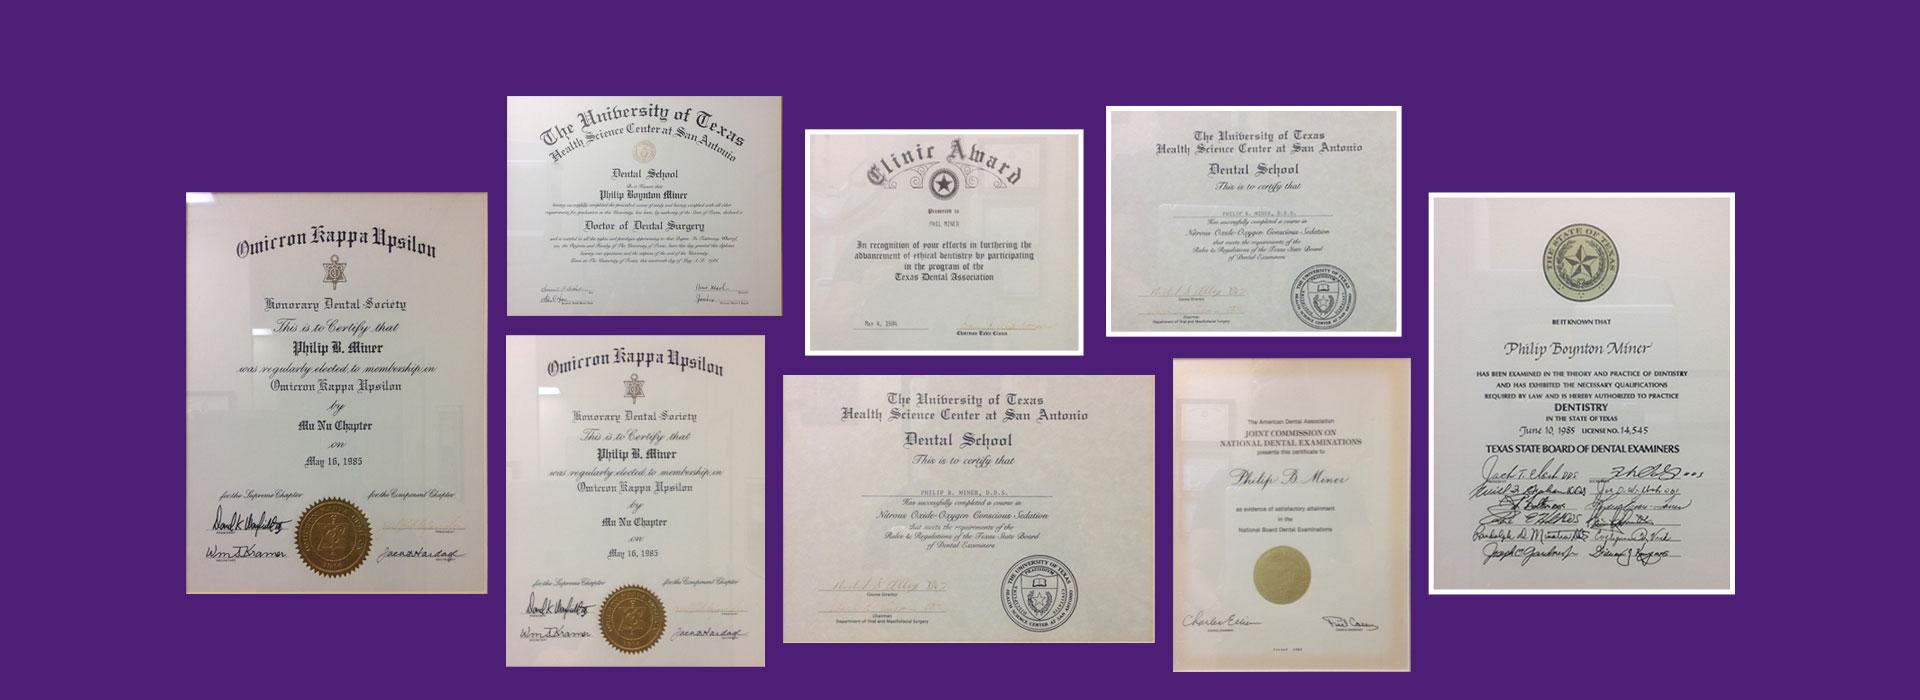 Awards of Dr. Miner